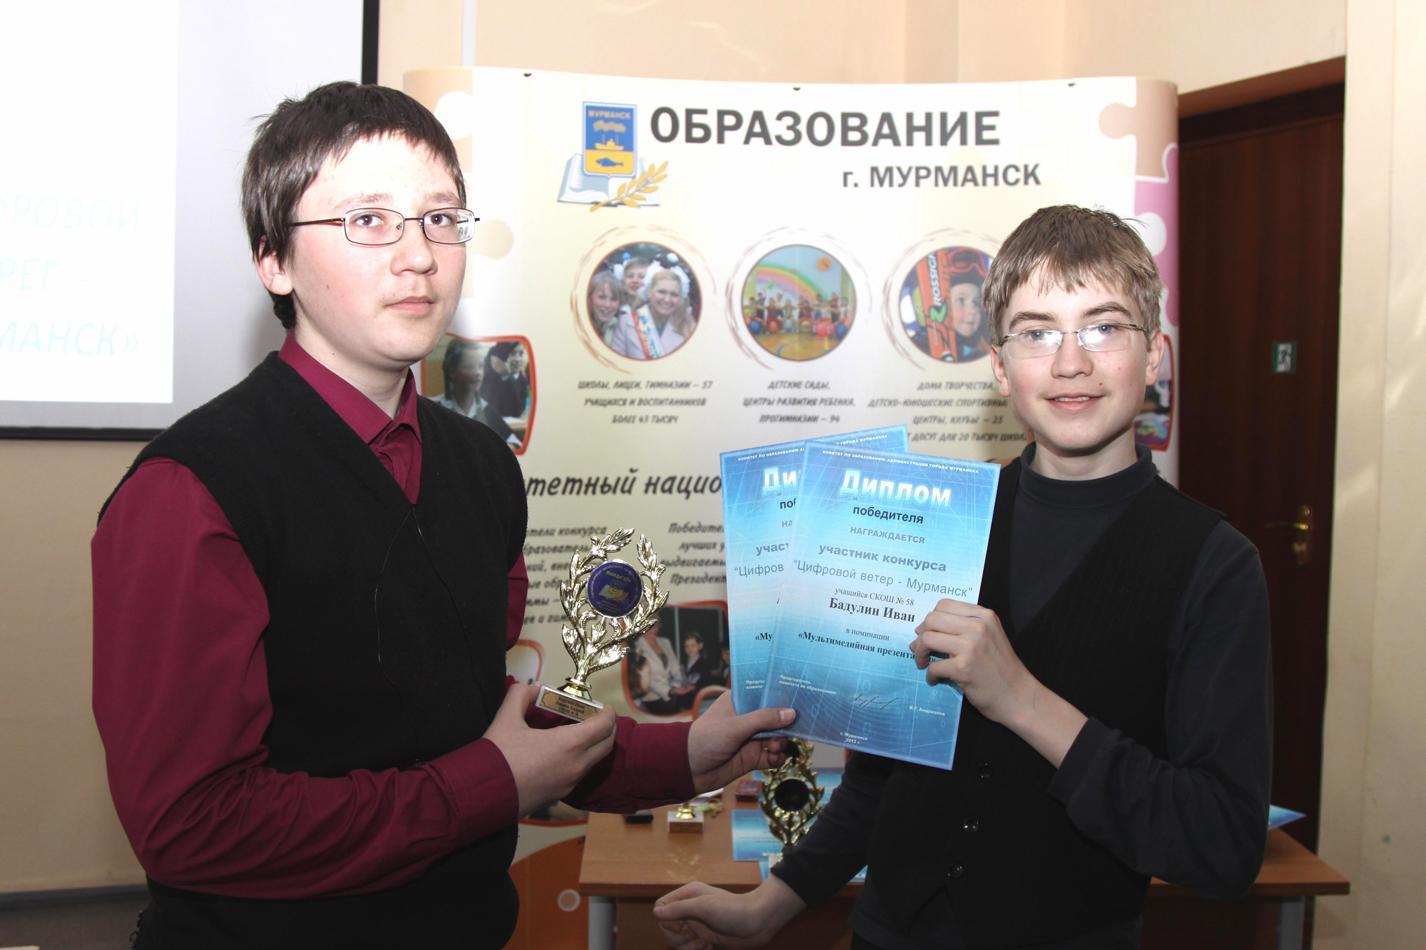 Победители цифрового конкурса